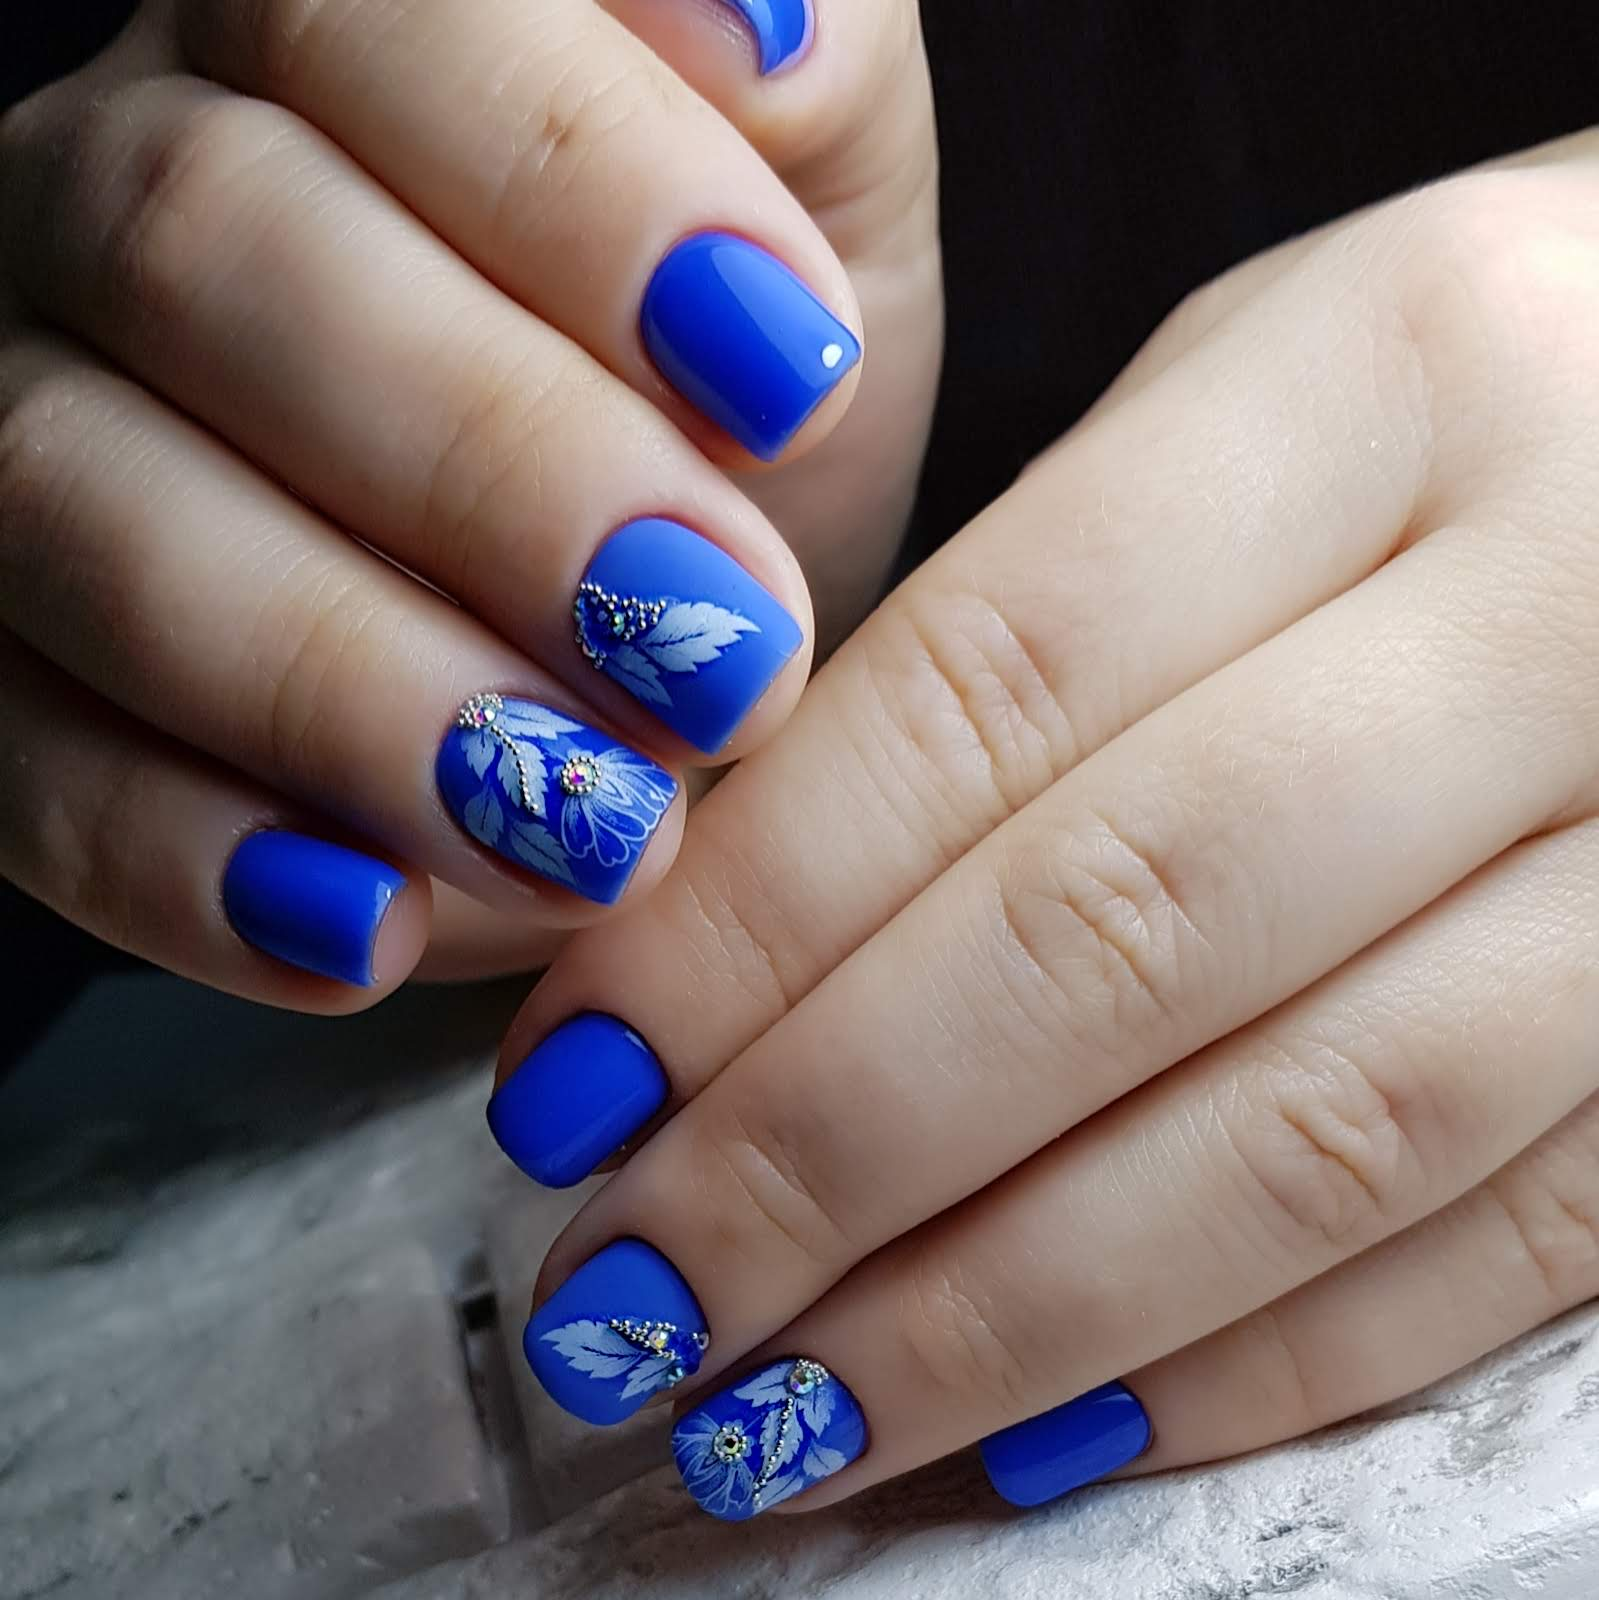 Маникюр с цветочным рисунком и стразами в синем цвете.